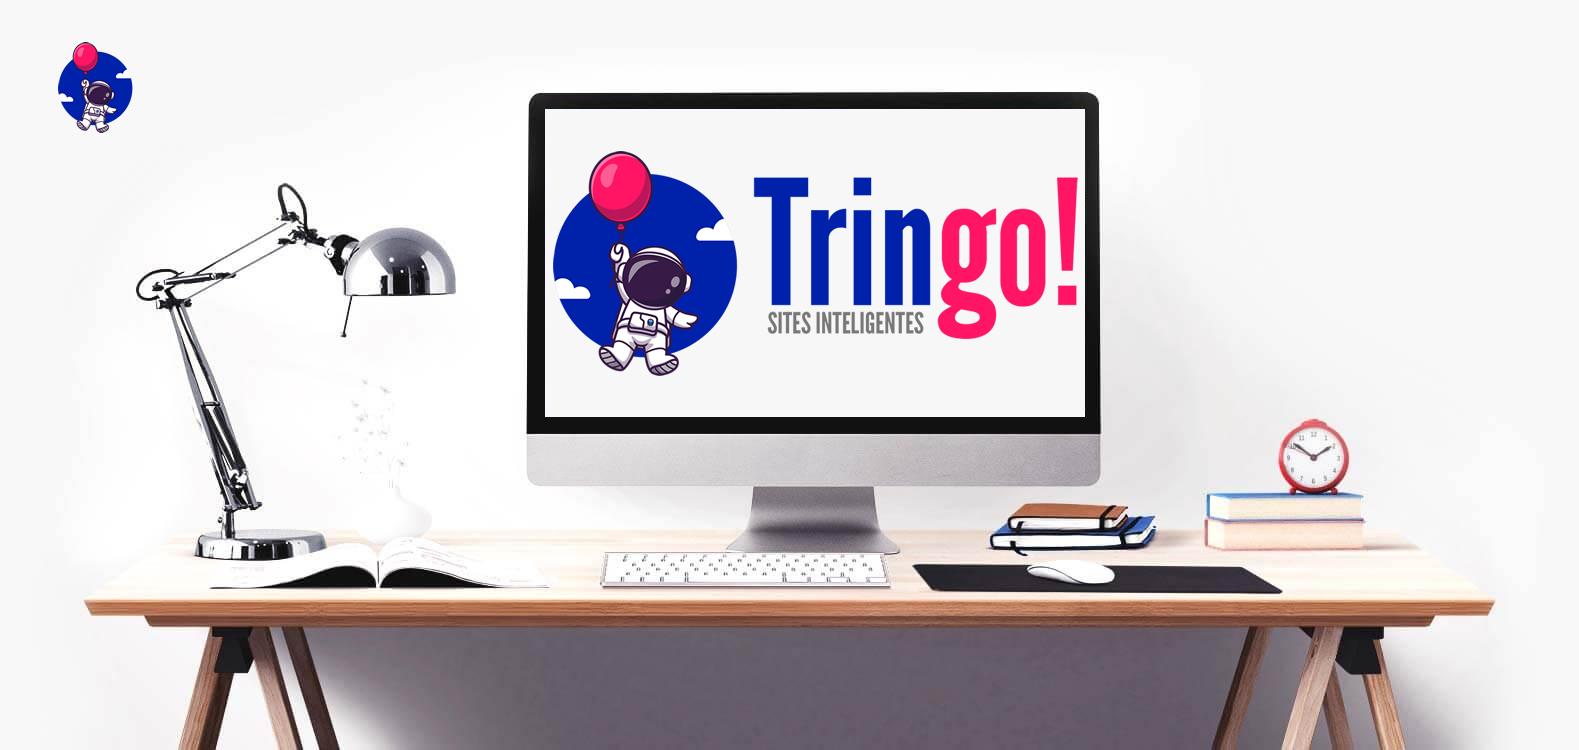 Tringo Sites Inteligentes